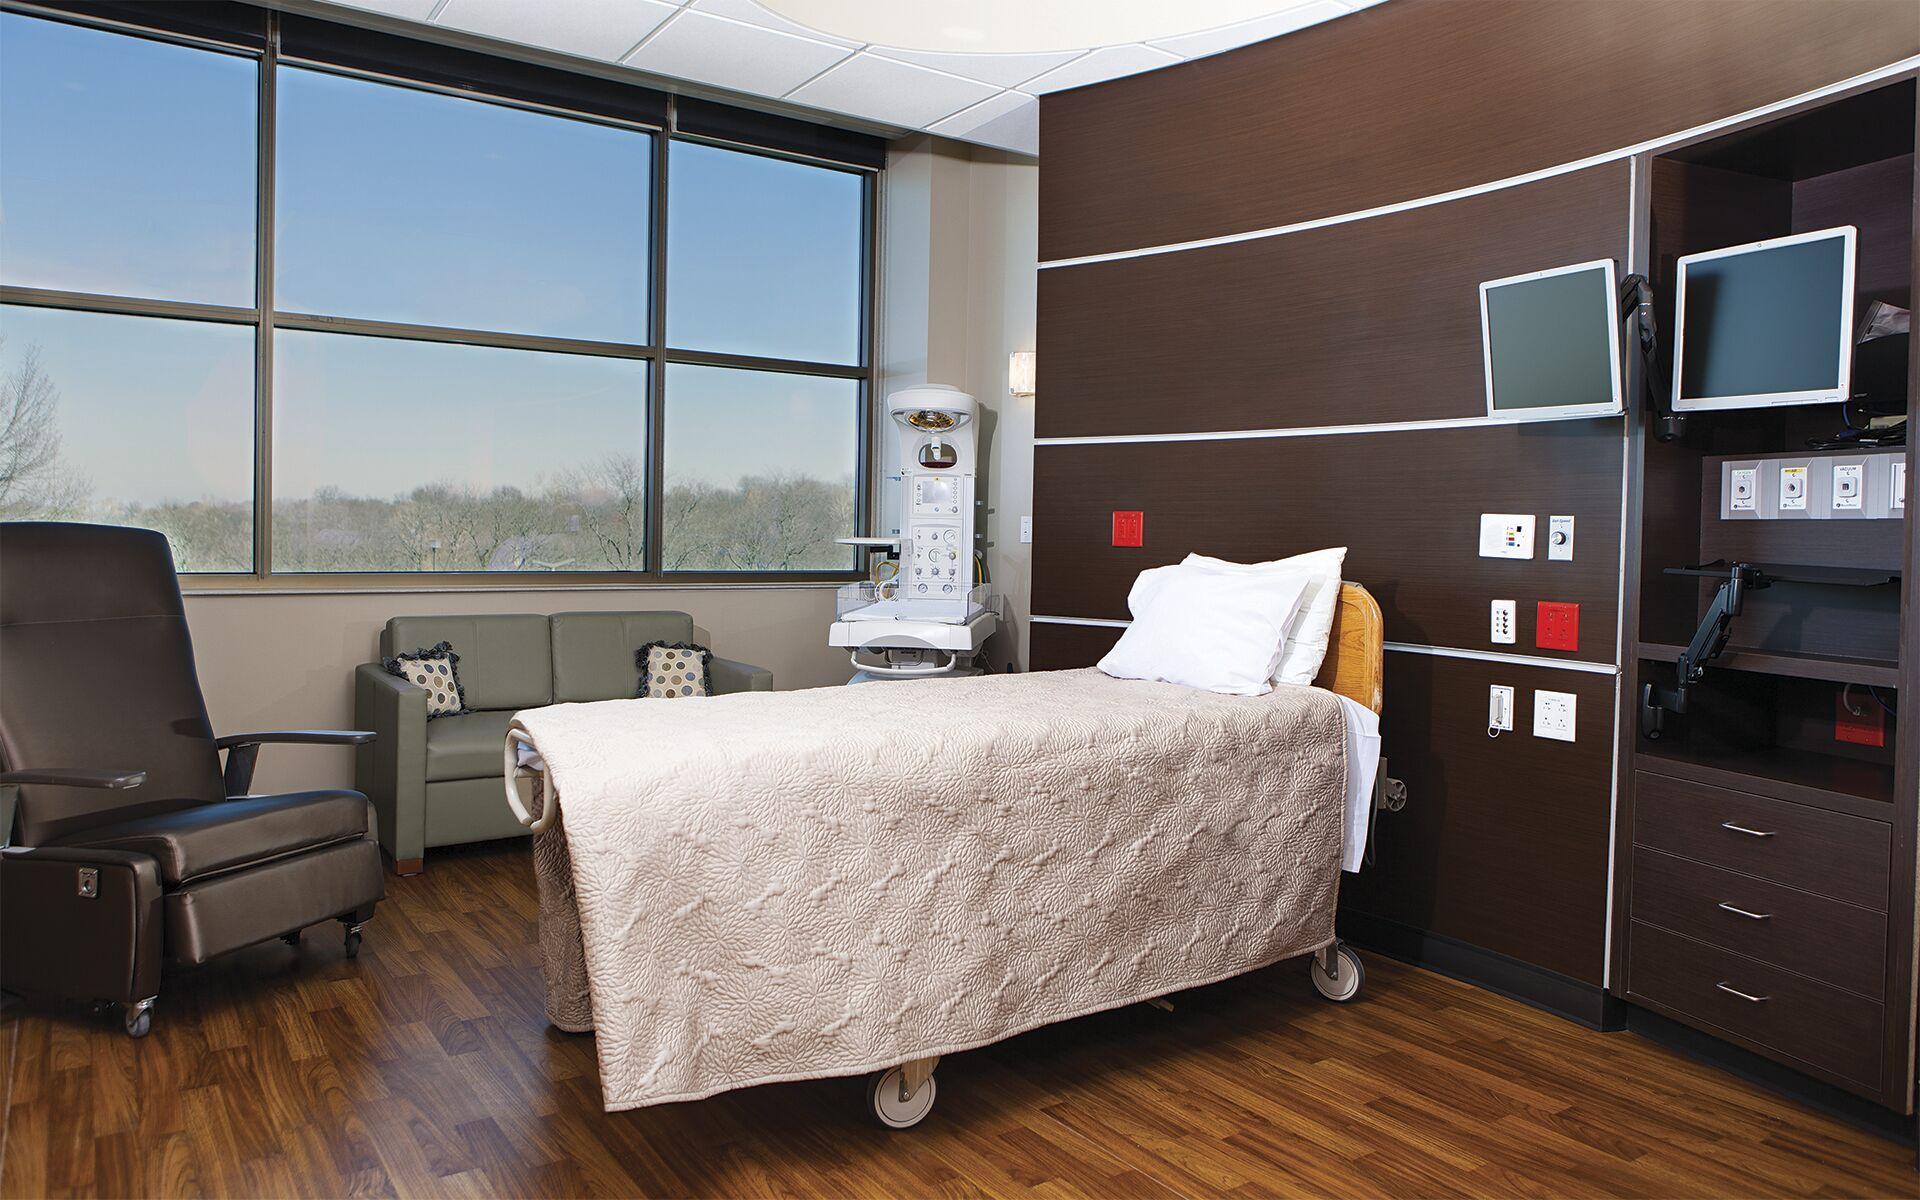 Birth Center - AdventHealth Shawnee Mission